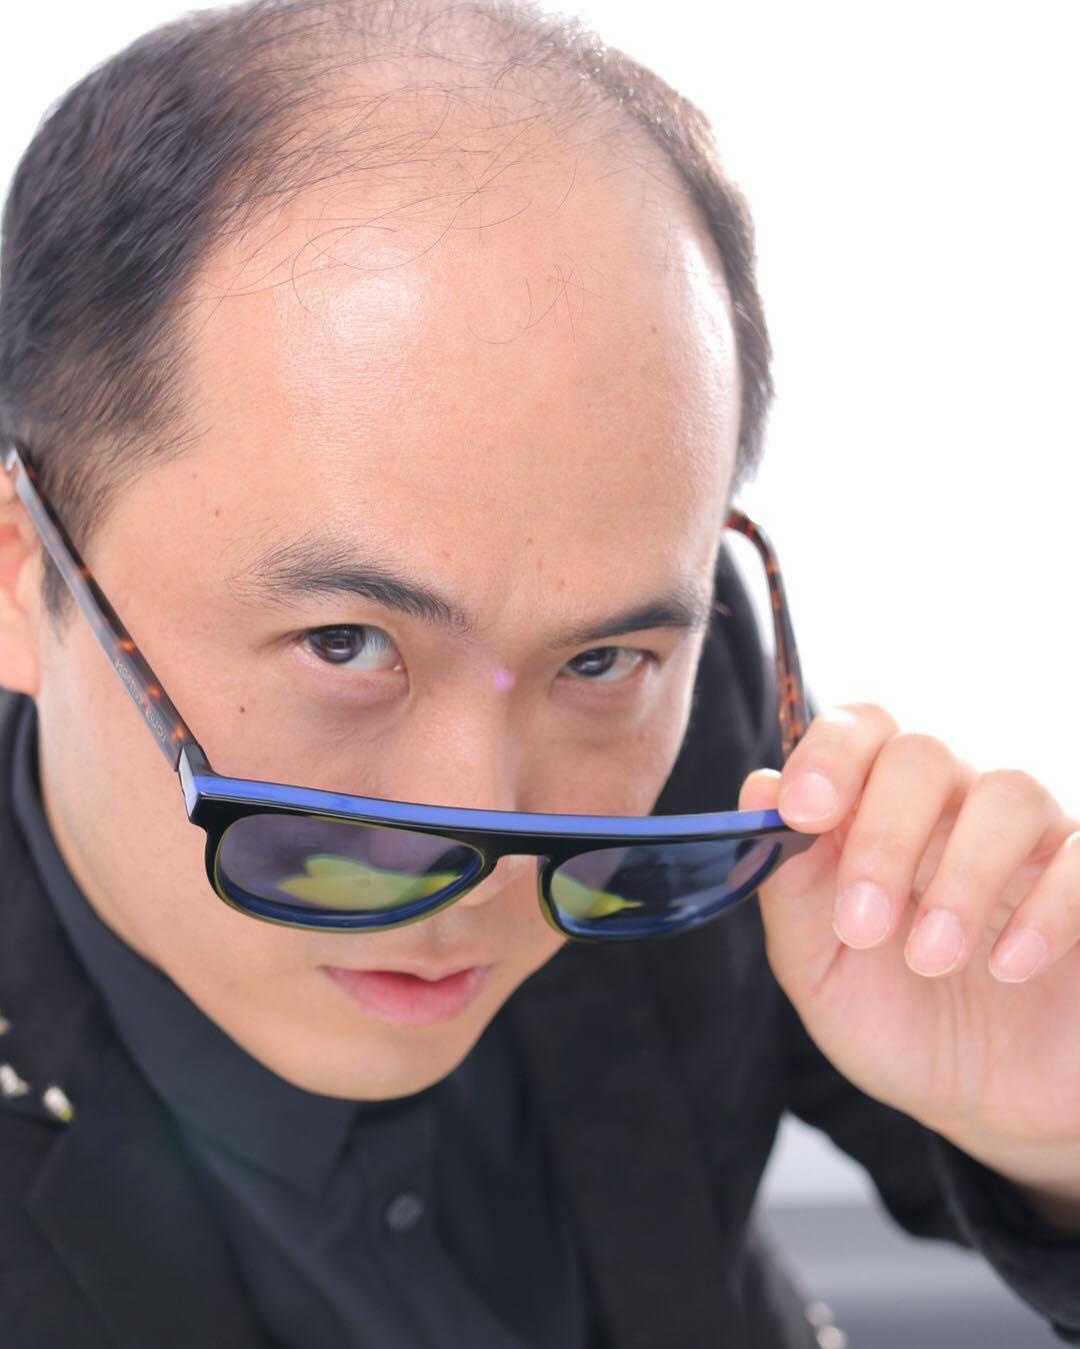 【速報】トレンディエンジェルのハゲこと斎藤さん、結婚へwwwwwwwwwwwのサムネイル画像